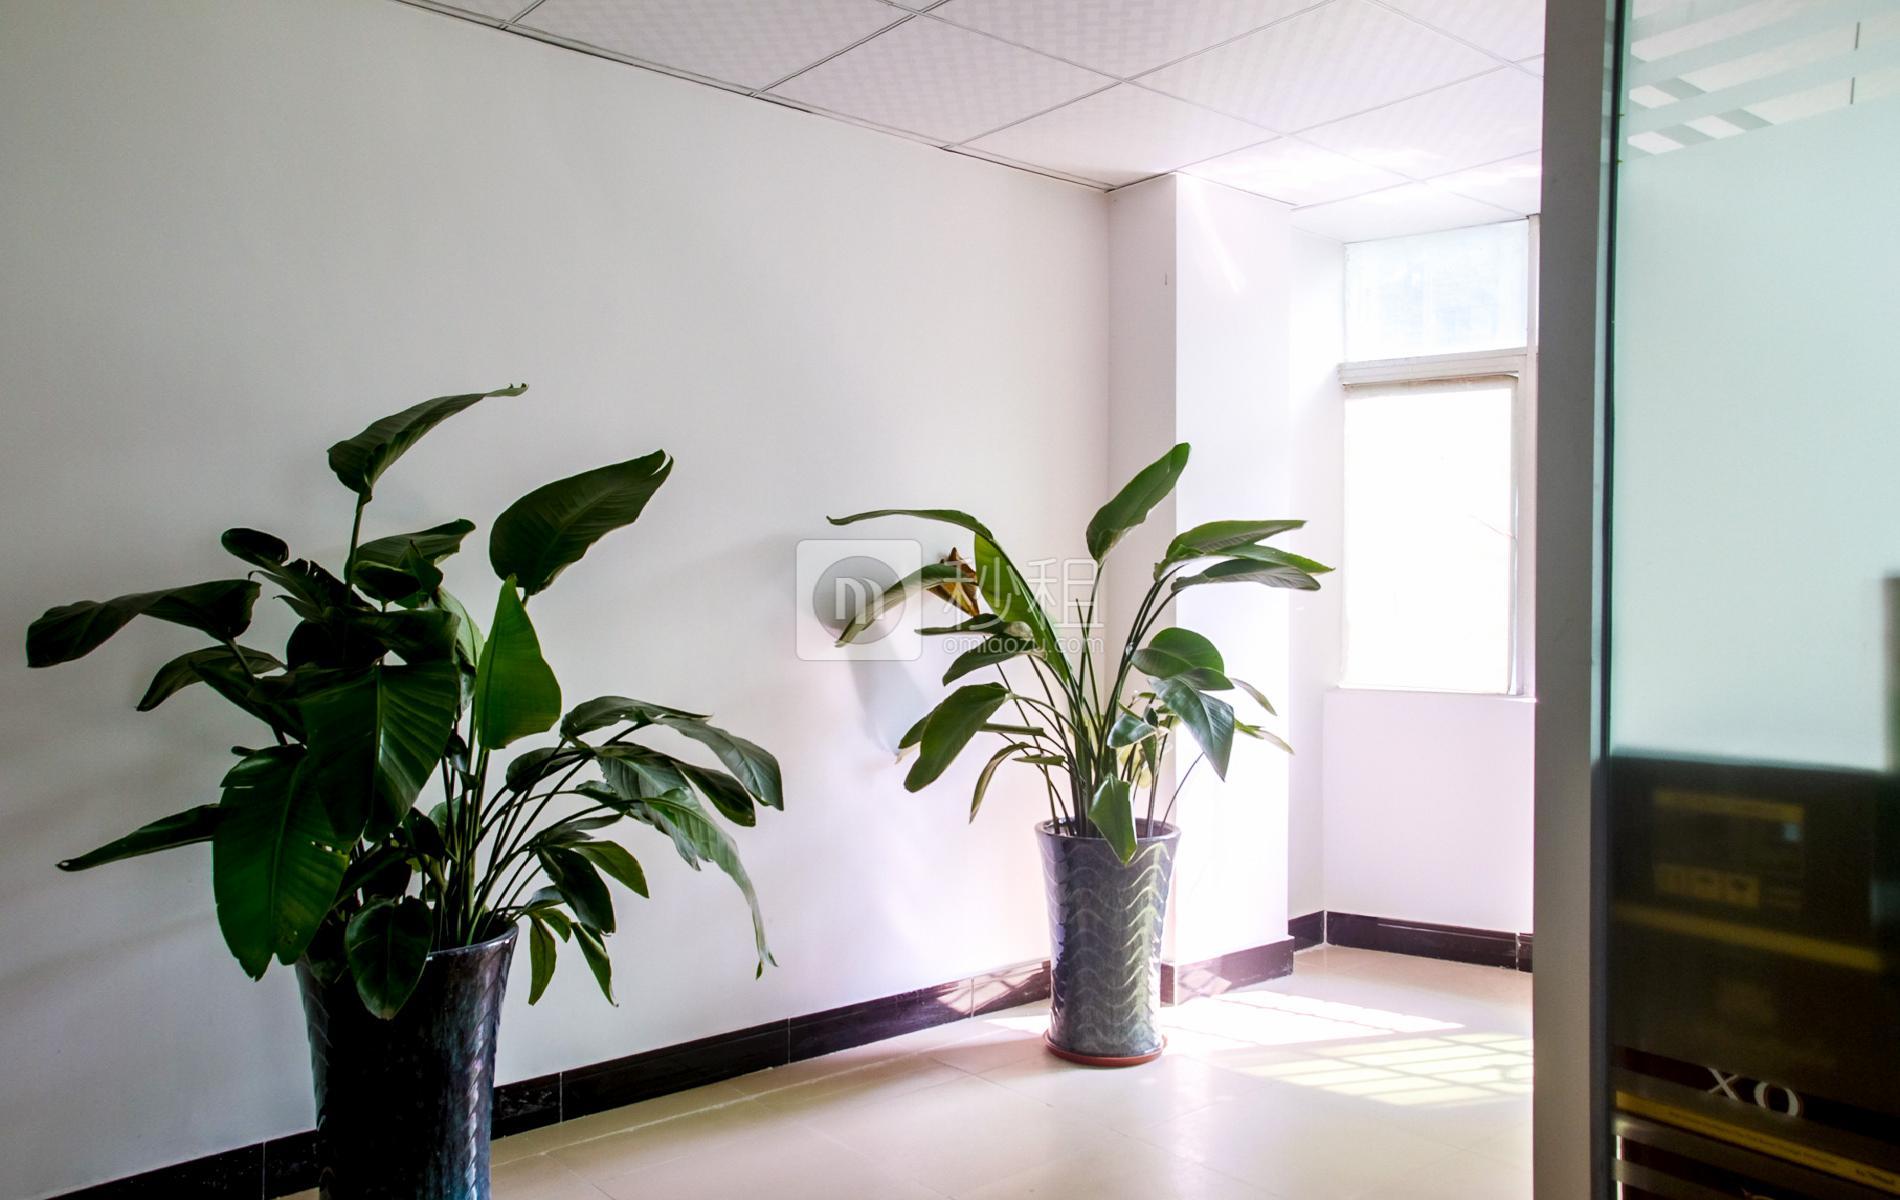 海腾大厦写字楼出租/招租/租赁,海腾大厦办公室出租/招租/租赁